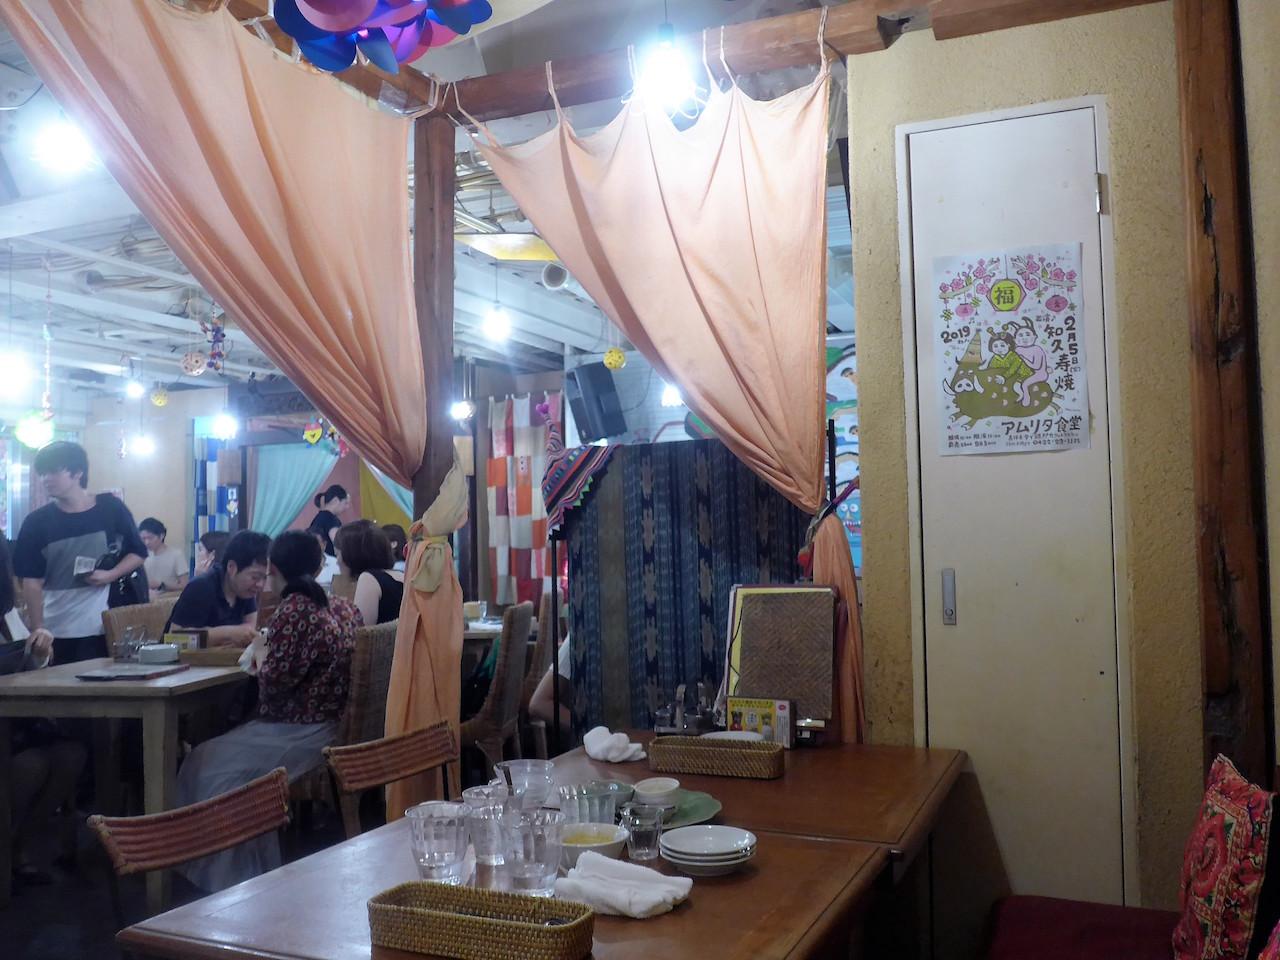 吉祥寺「アムリタ食堂」へ行く。_f0232060_11322191.jpg